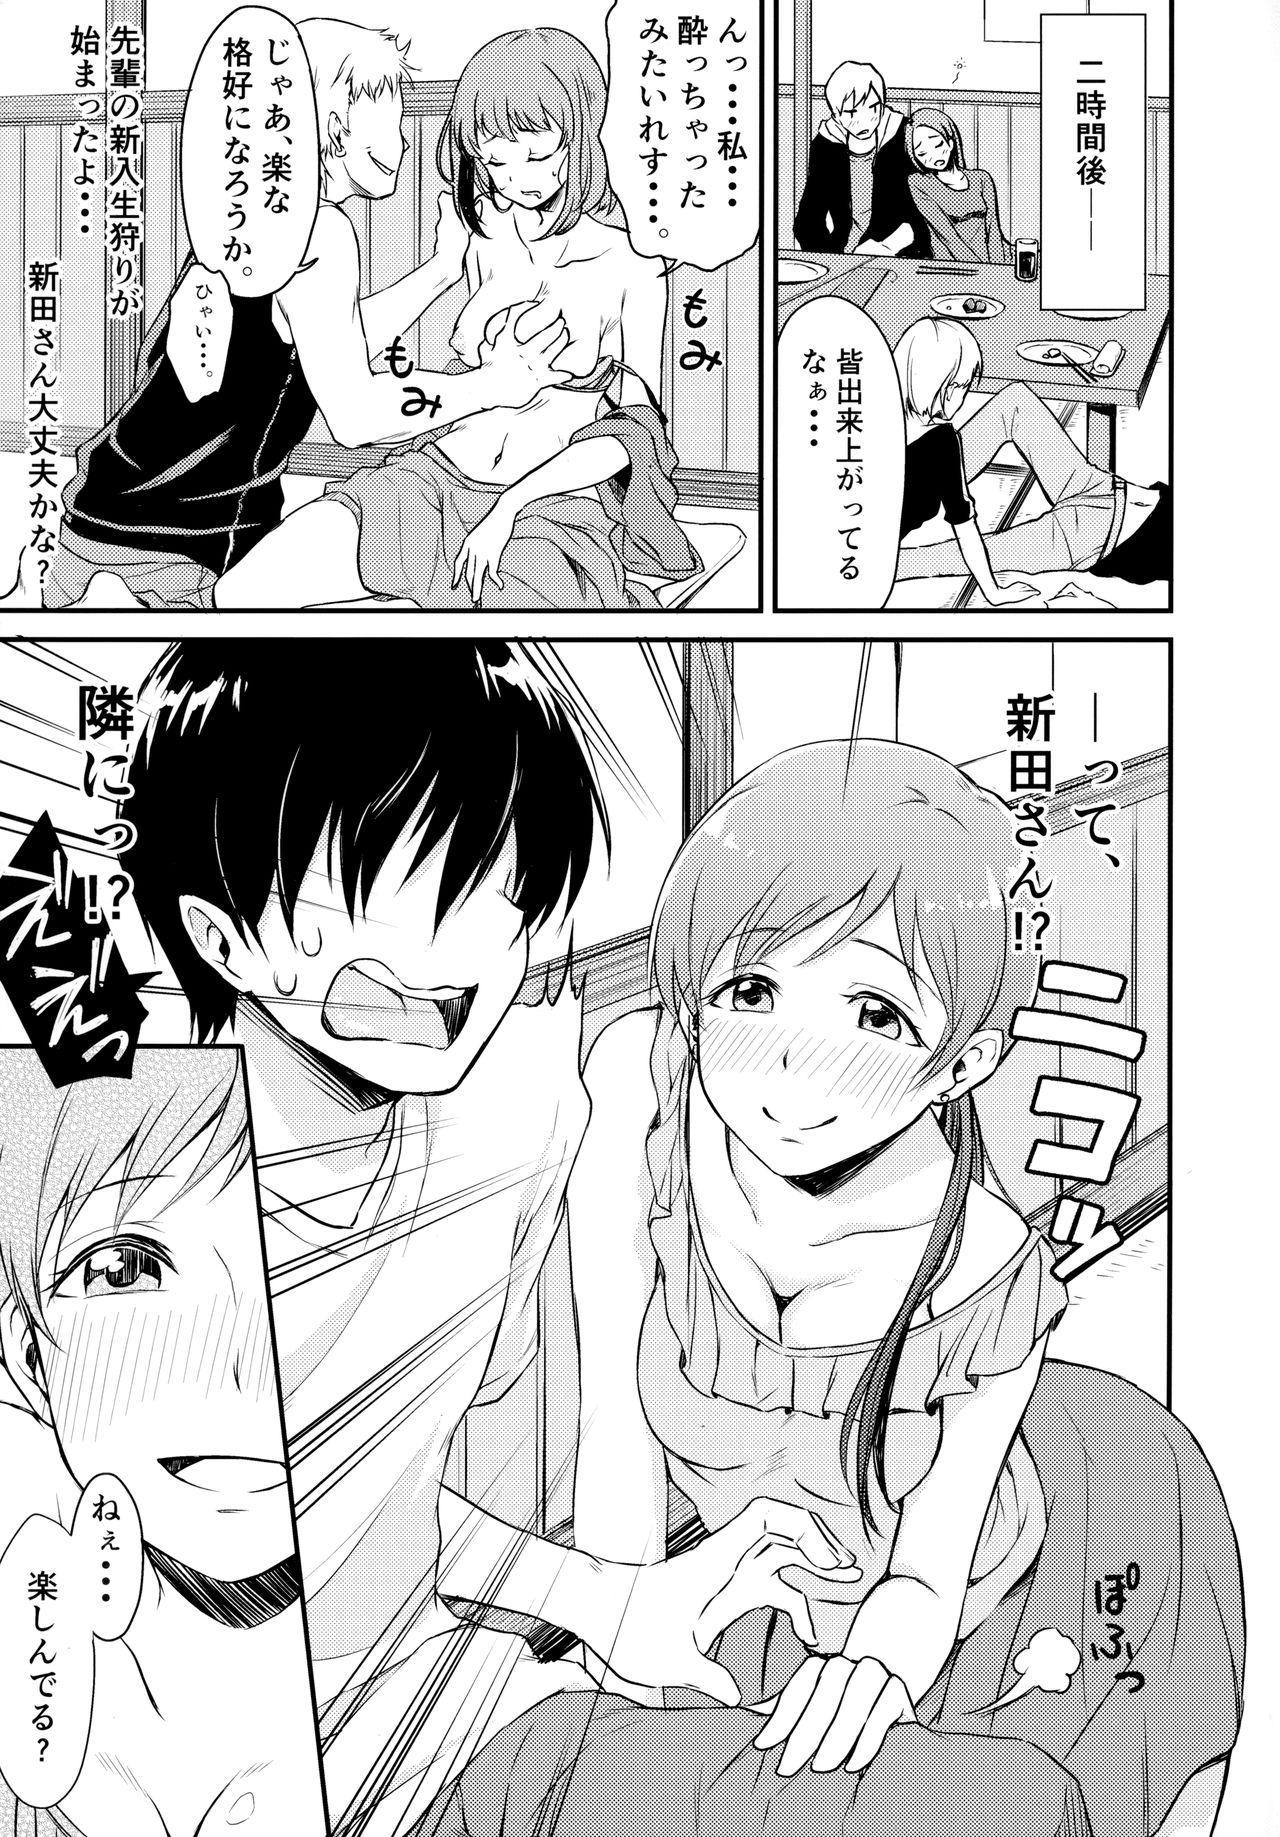 Idol no Iru Sekai 9